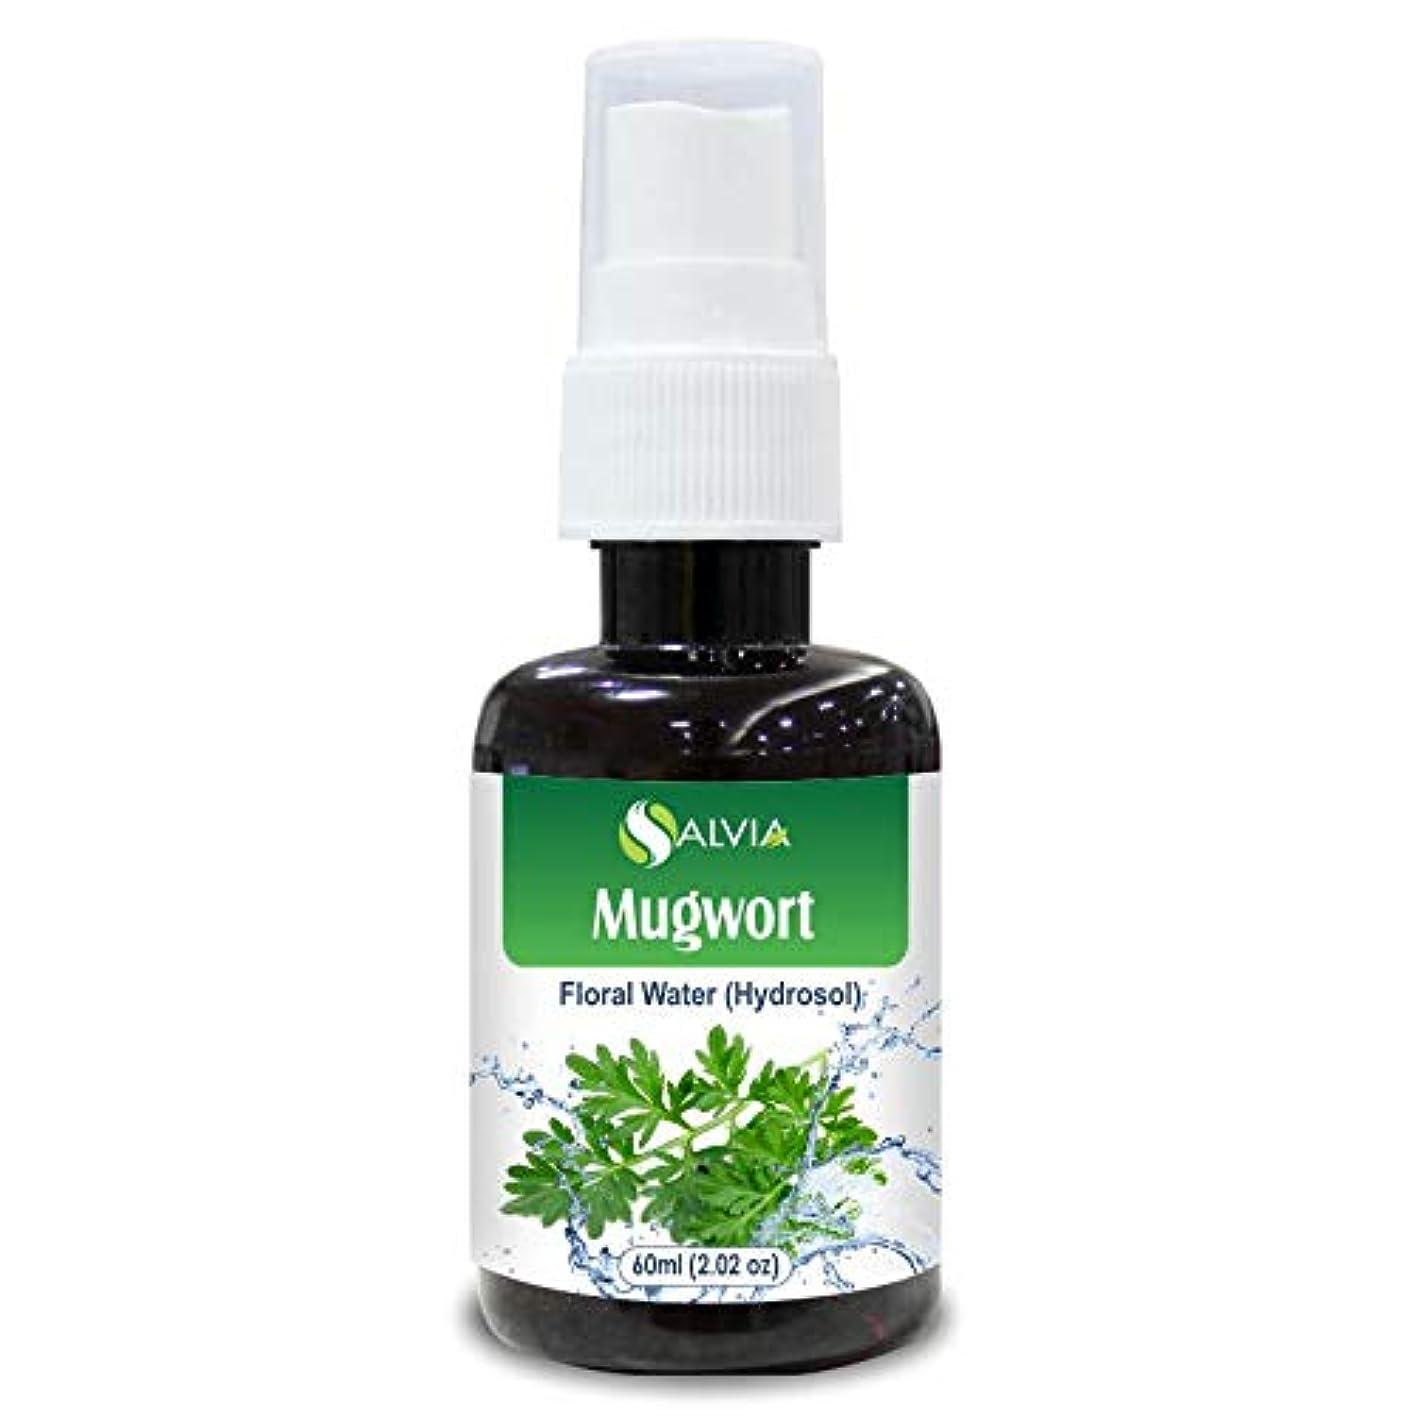 株式会社追う雨のMugwort Floral Water 60ml (Hydrosol) 100% Pure And Natural